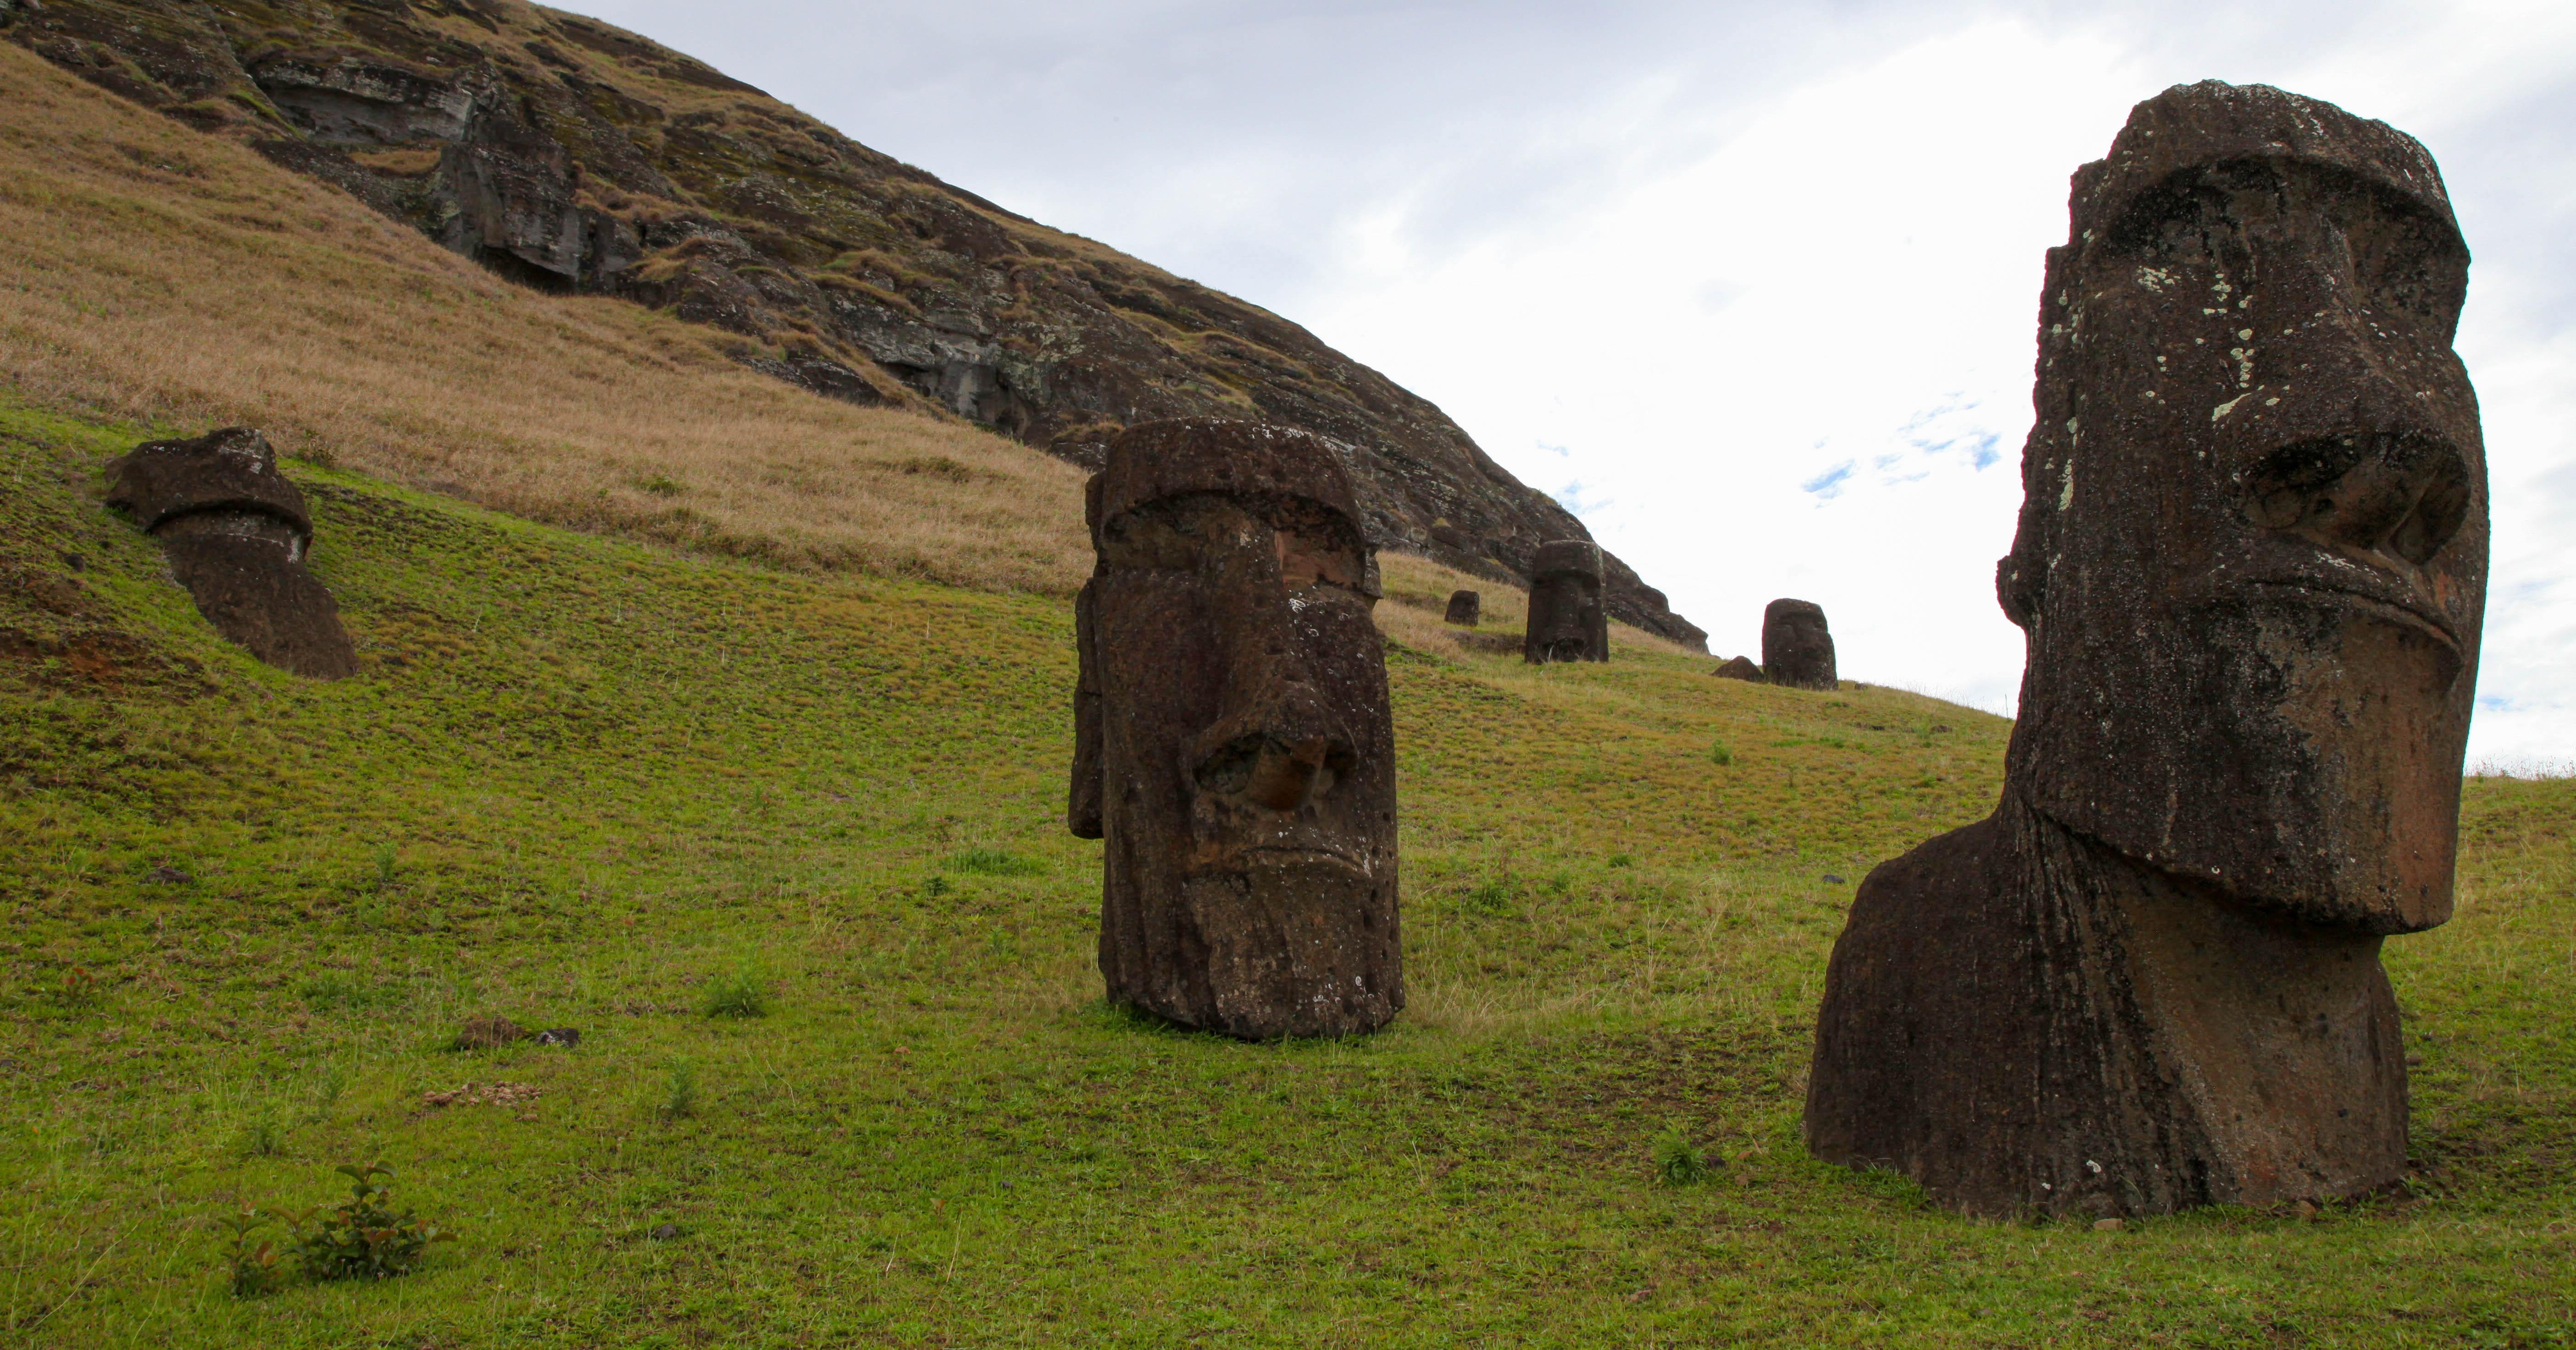 Hina Riru moai at Rano Raraku